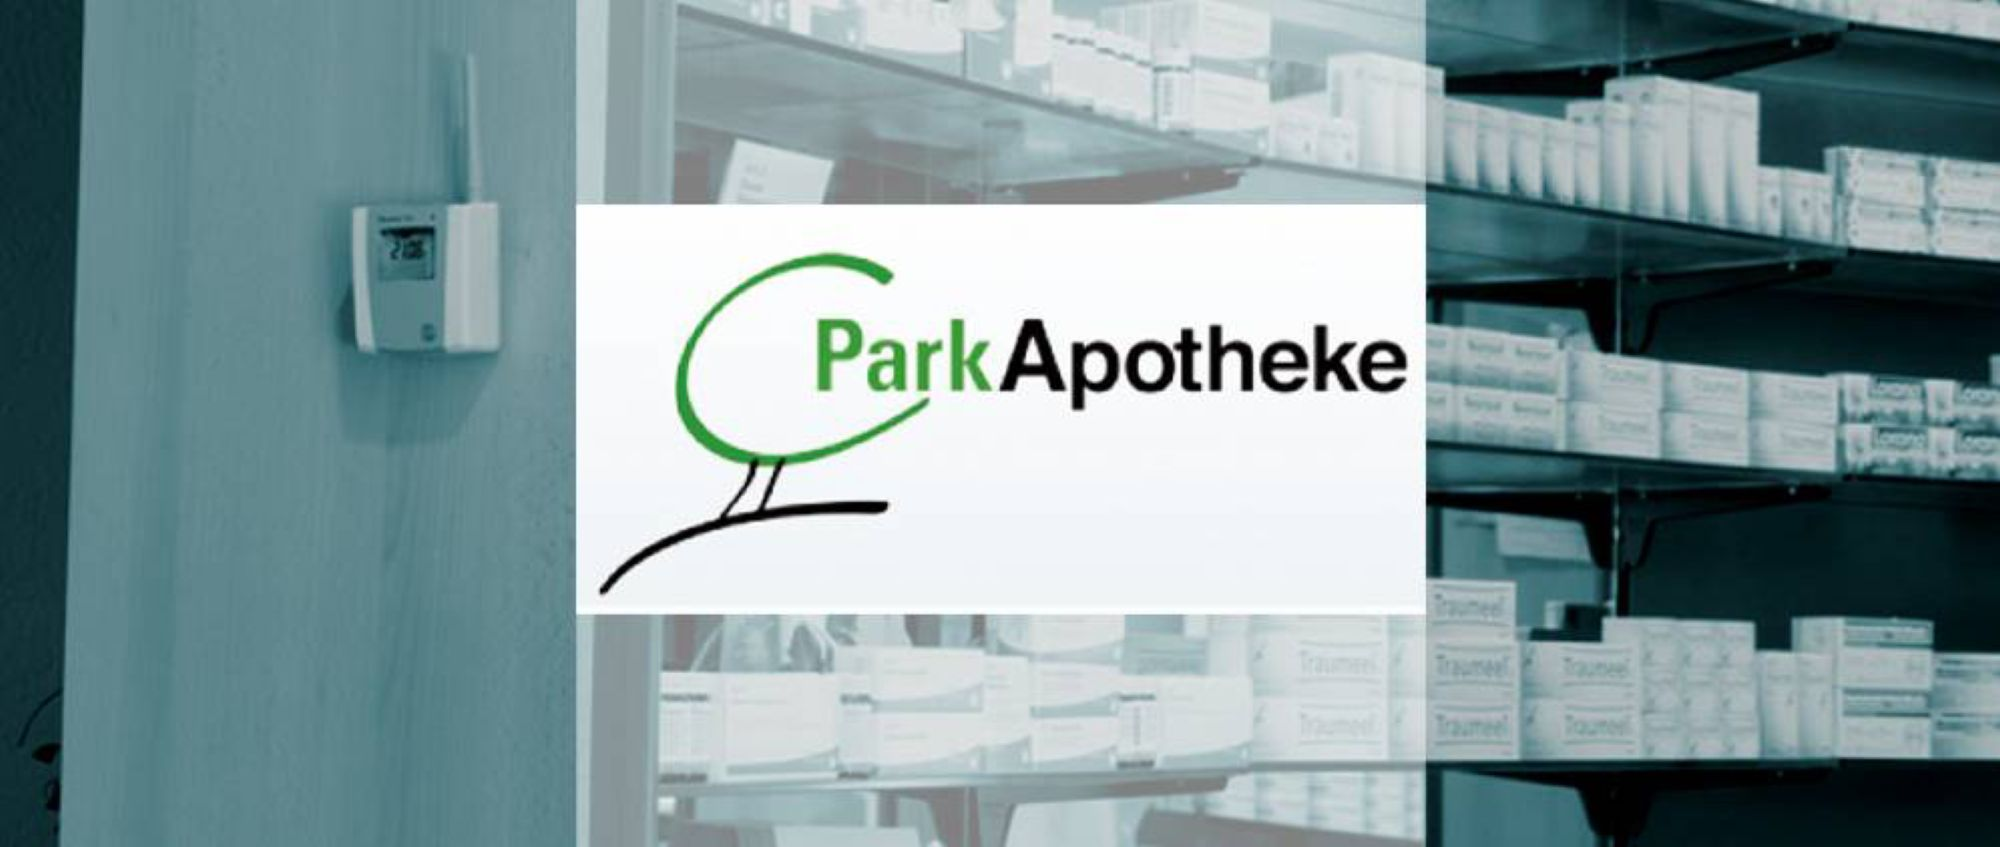 德国伦茨基希的ParkApotheke药房,各类药品的储存状况和质量正严密地监测中,并及时自动归档,这都倚靠 testo Saveris 在线温湿度监测系统。